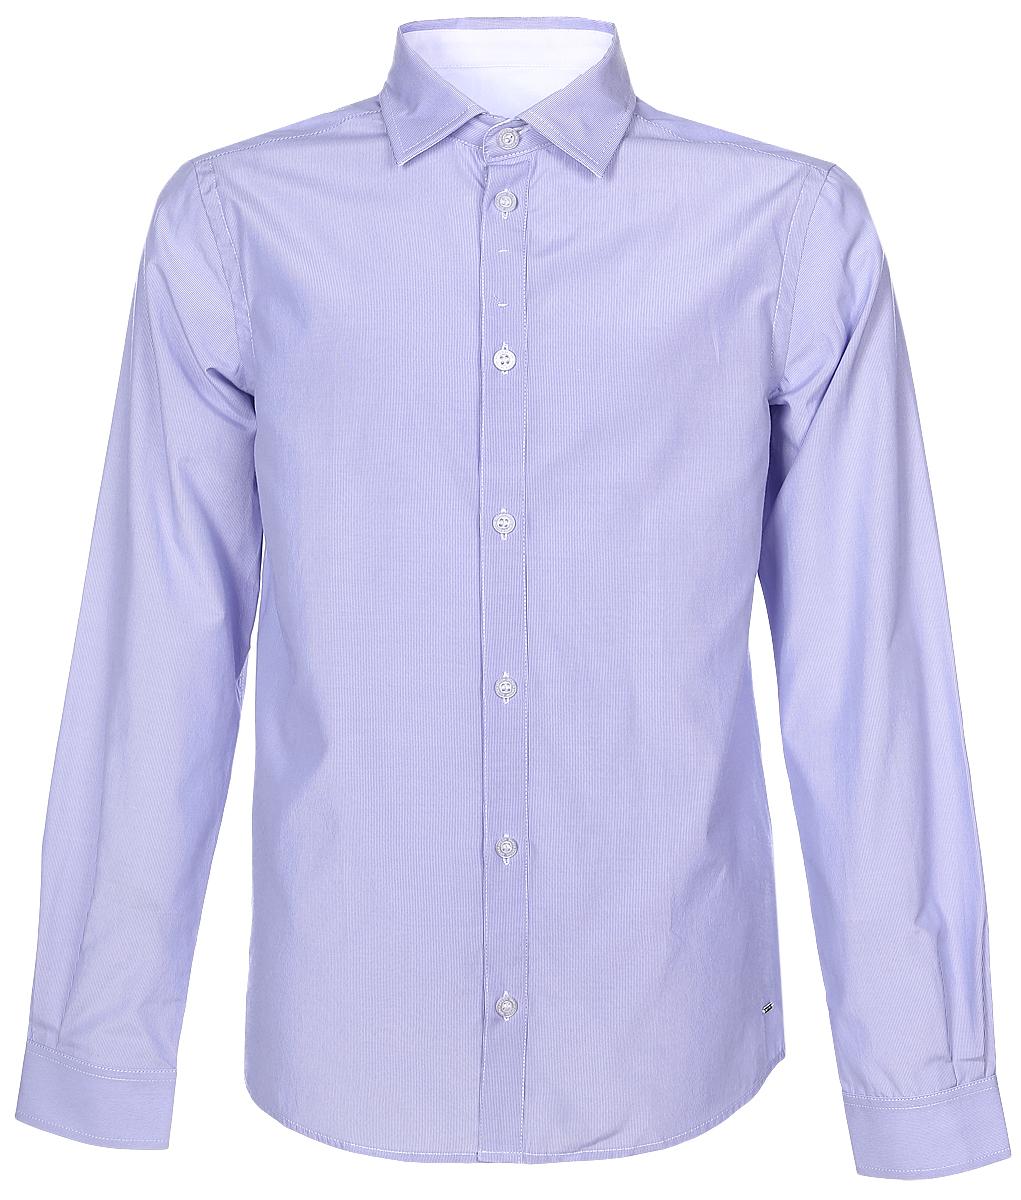 РубашкаSSFSB-629-13831-334Стильная рубашка Silver Spoon станет отличным дополнением к школьному гардеробу вашего мальчика. Модель, выполненная из хлопка с добавлением полиэстера, необычайно мягкая и приятная на ощупь, не сковывает движения и позволяет коже дышать. Рубашка классического кроя с длинными рукавами и отложным воротником застегивается на пуговицы по всей длине. На манжетах предусмотрены застежки-пуговицы. Модель оформлена принтом в мелкую полоску.